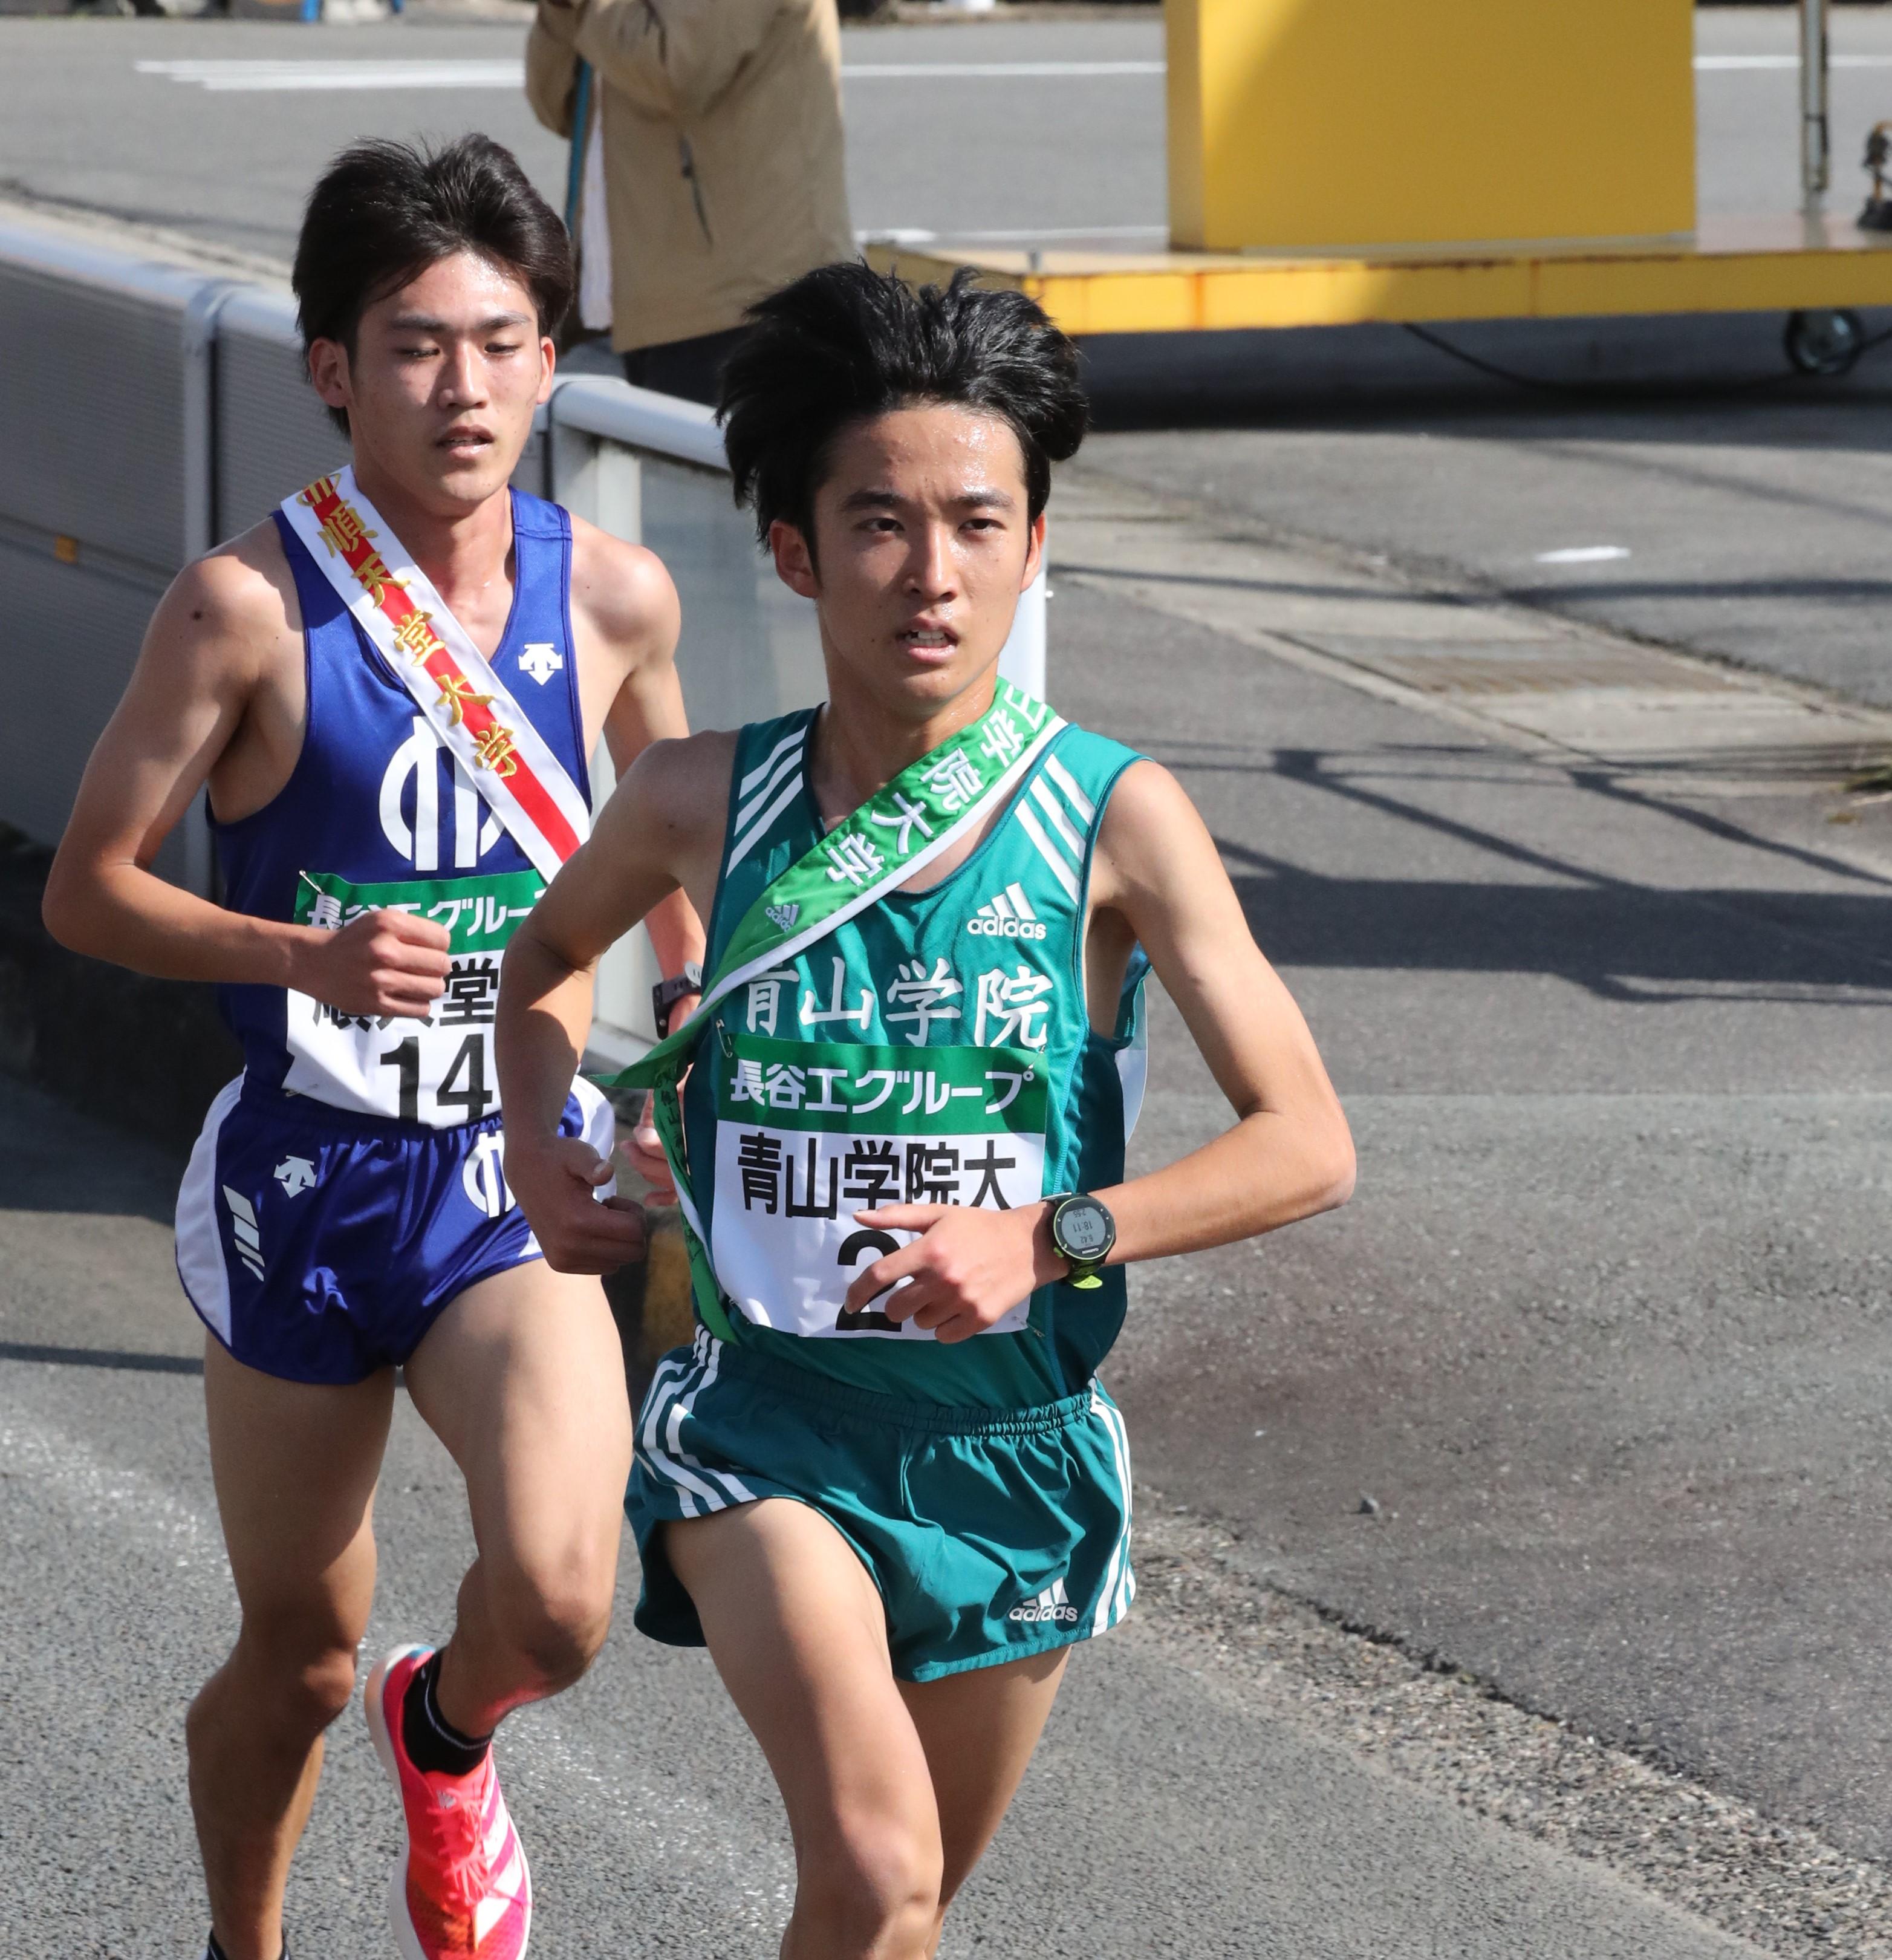 箱根駅伝では、チームの中心としての役割が期待されている